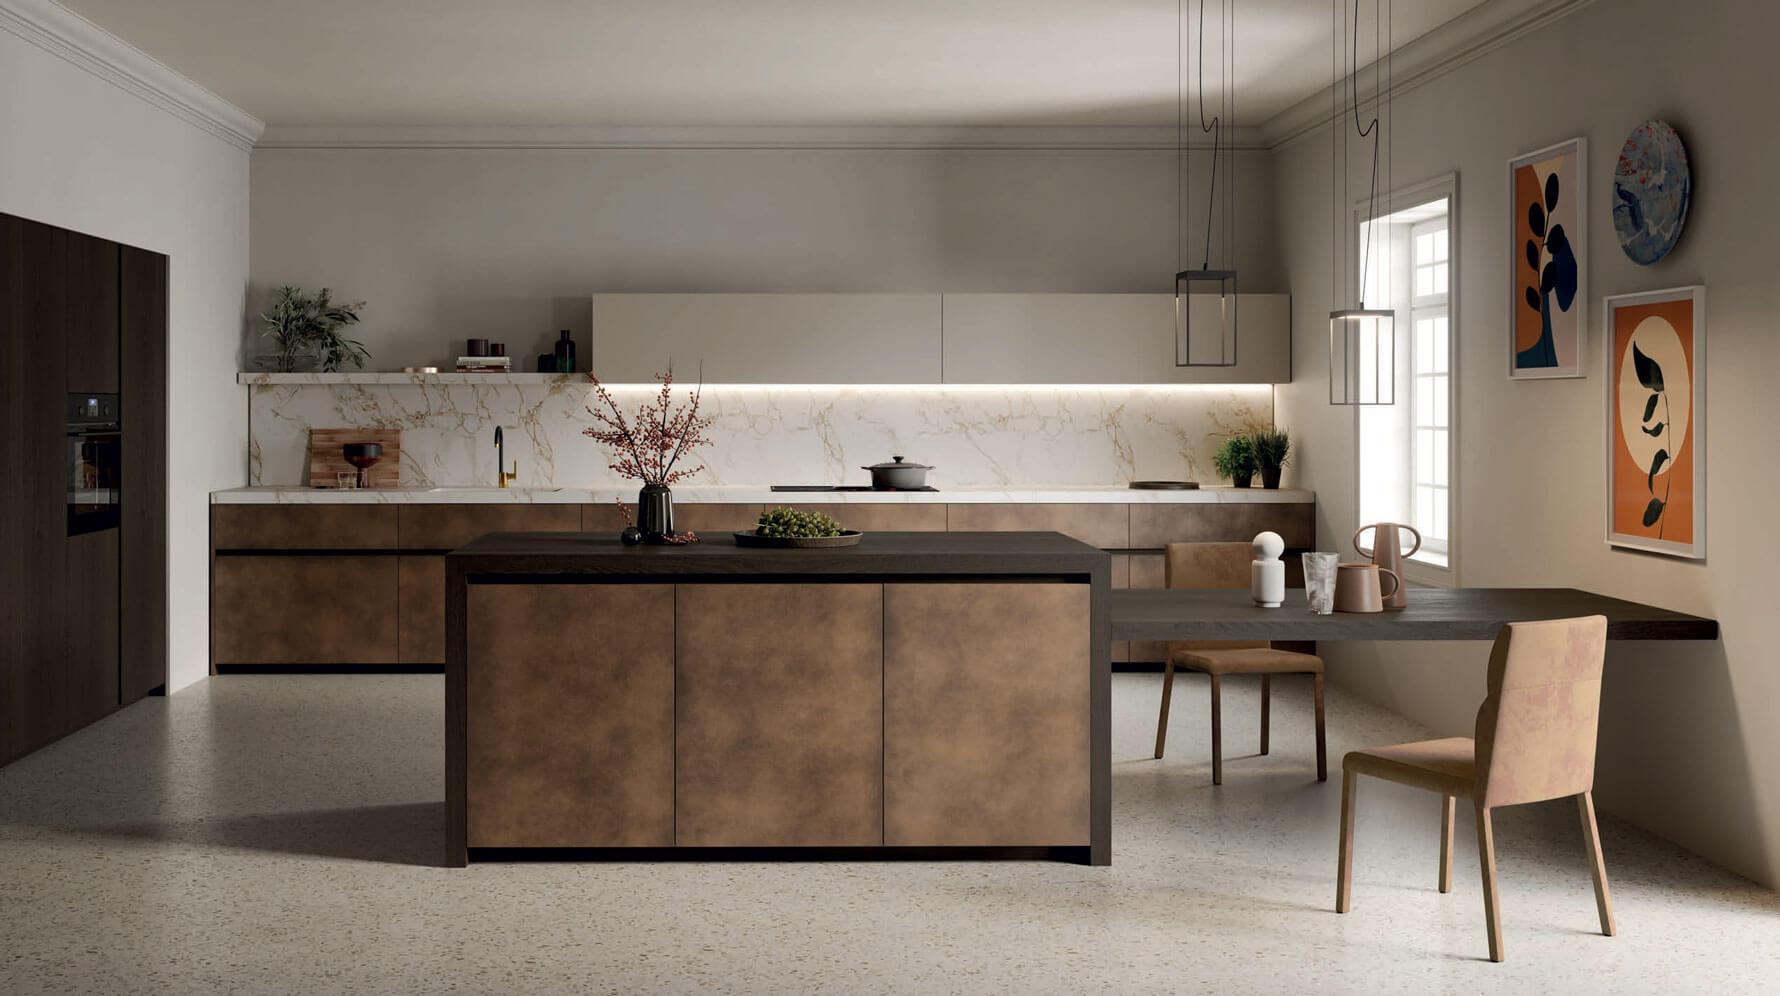 Cuisines-plan-de-travail-design-marbre